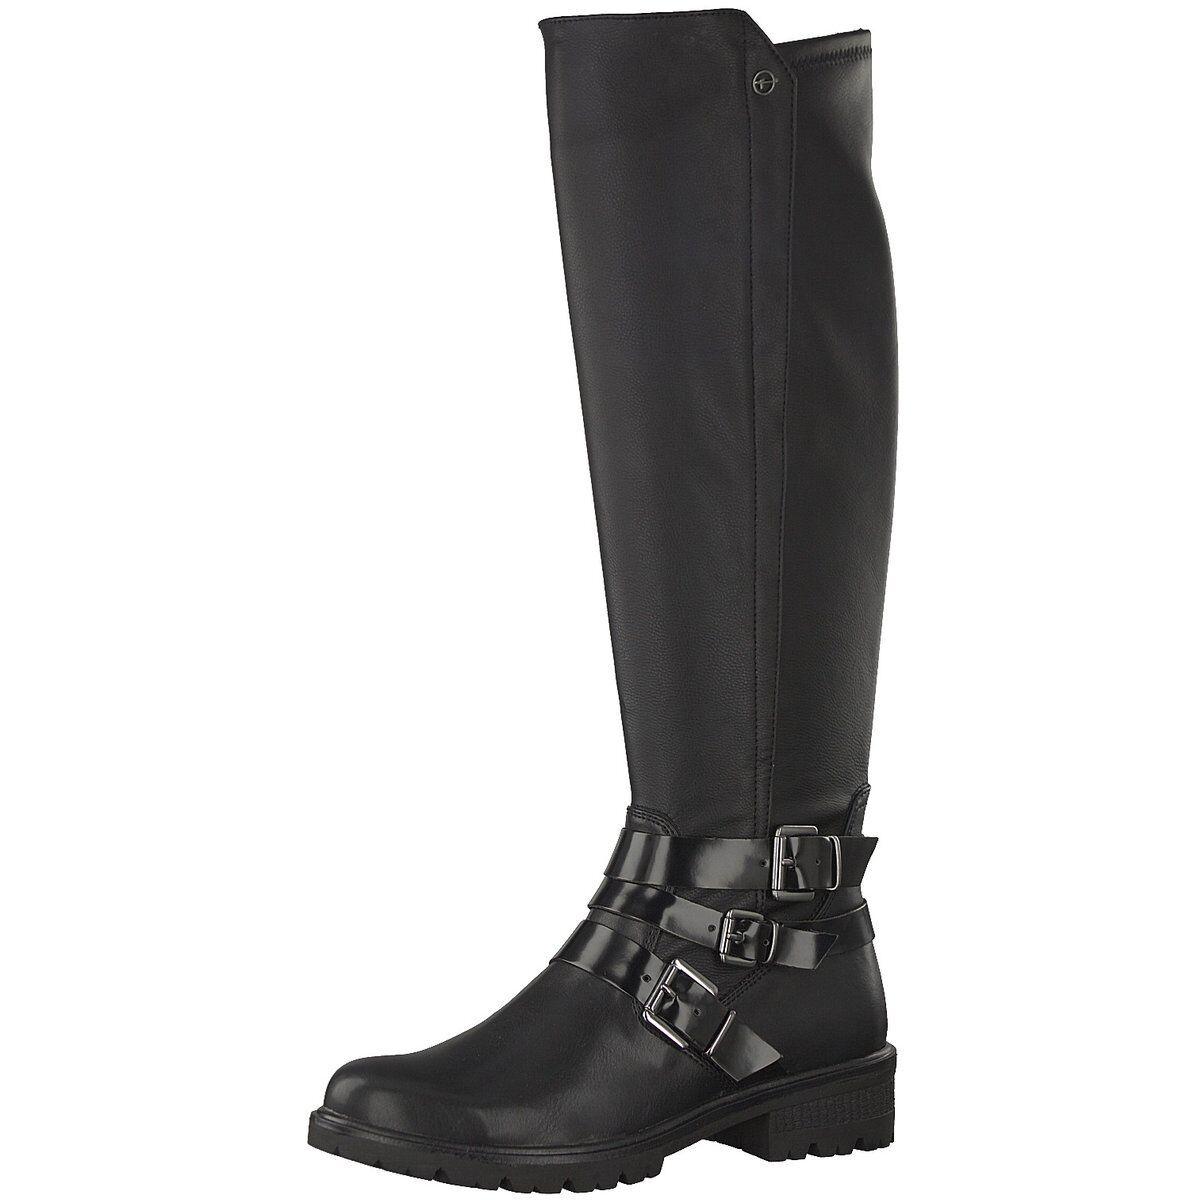 Tamaris Damen Stiefel 1243 1-1-25606-21 001 schwarz 522126